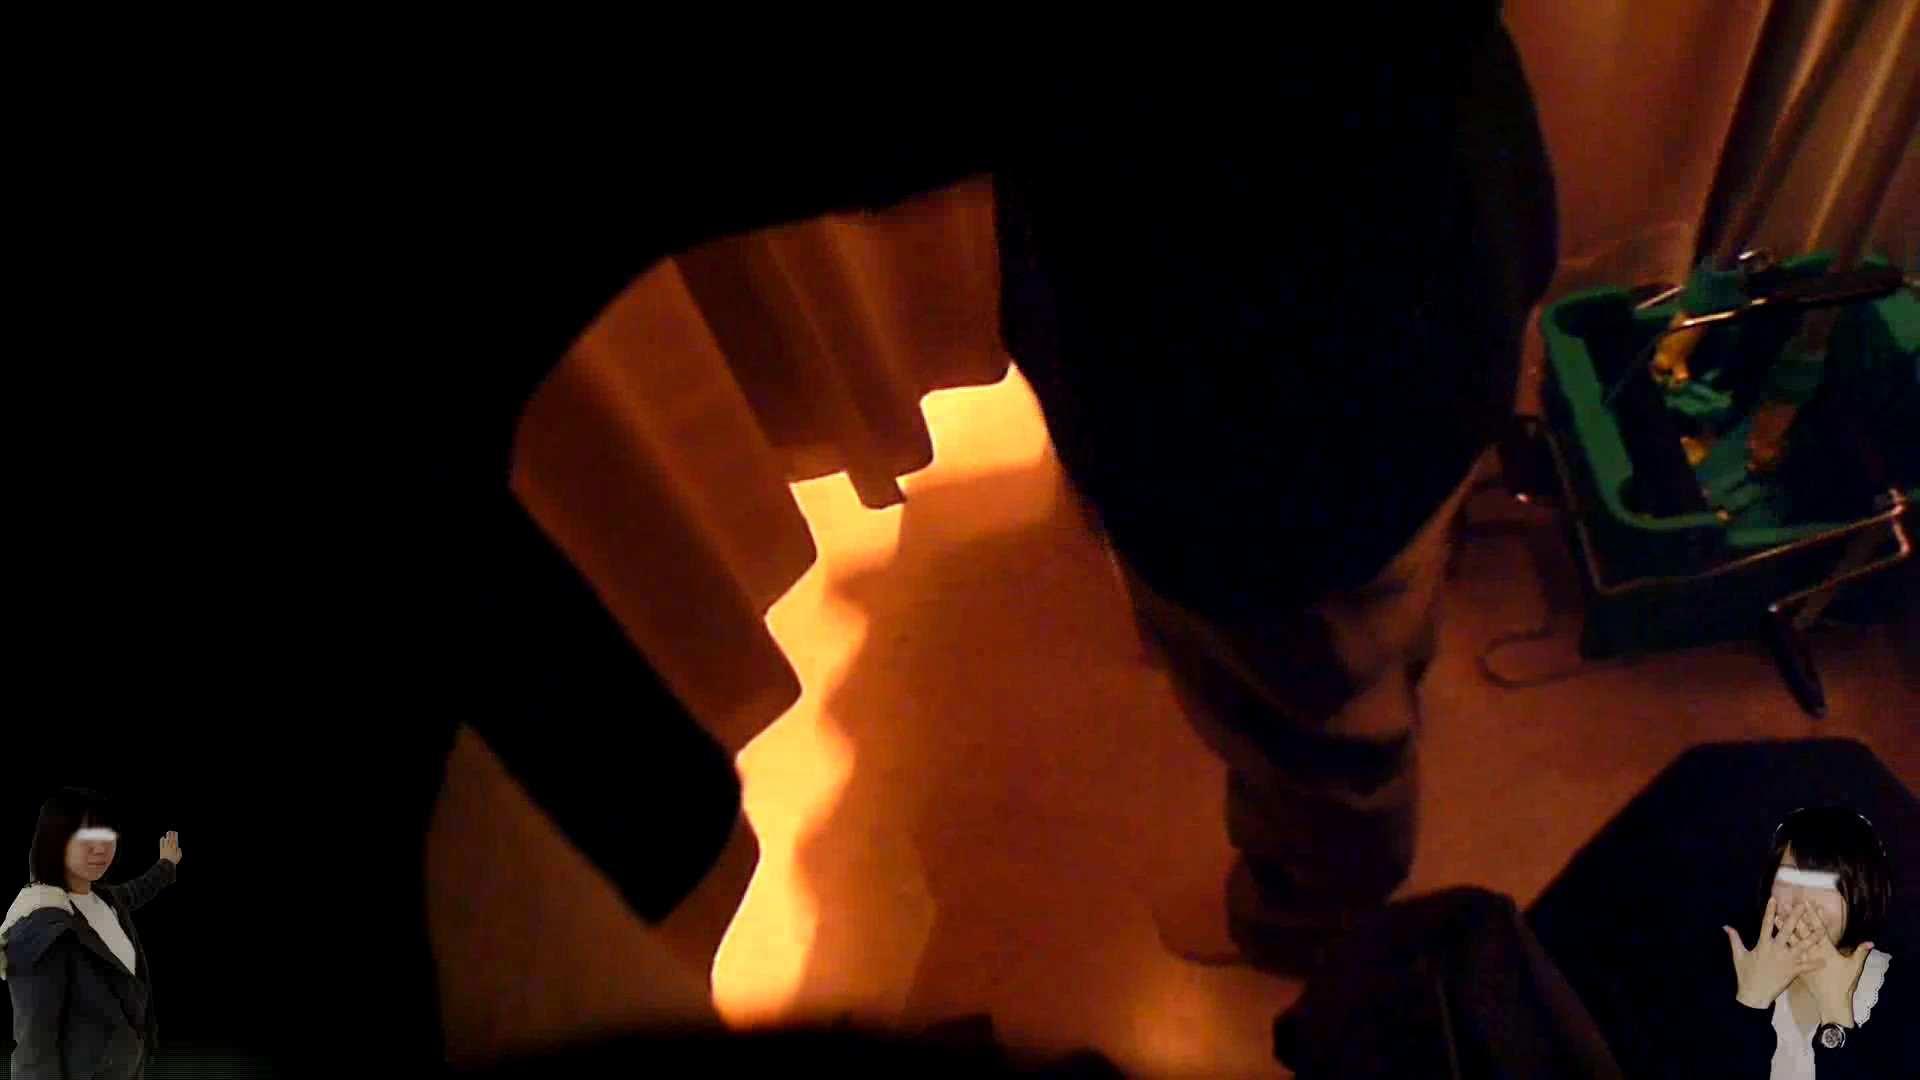 素人投稿 現役「JD」Eちゃんの着替え Vol.04 着替え おまんこ動画流出 107pic 39